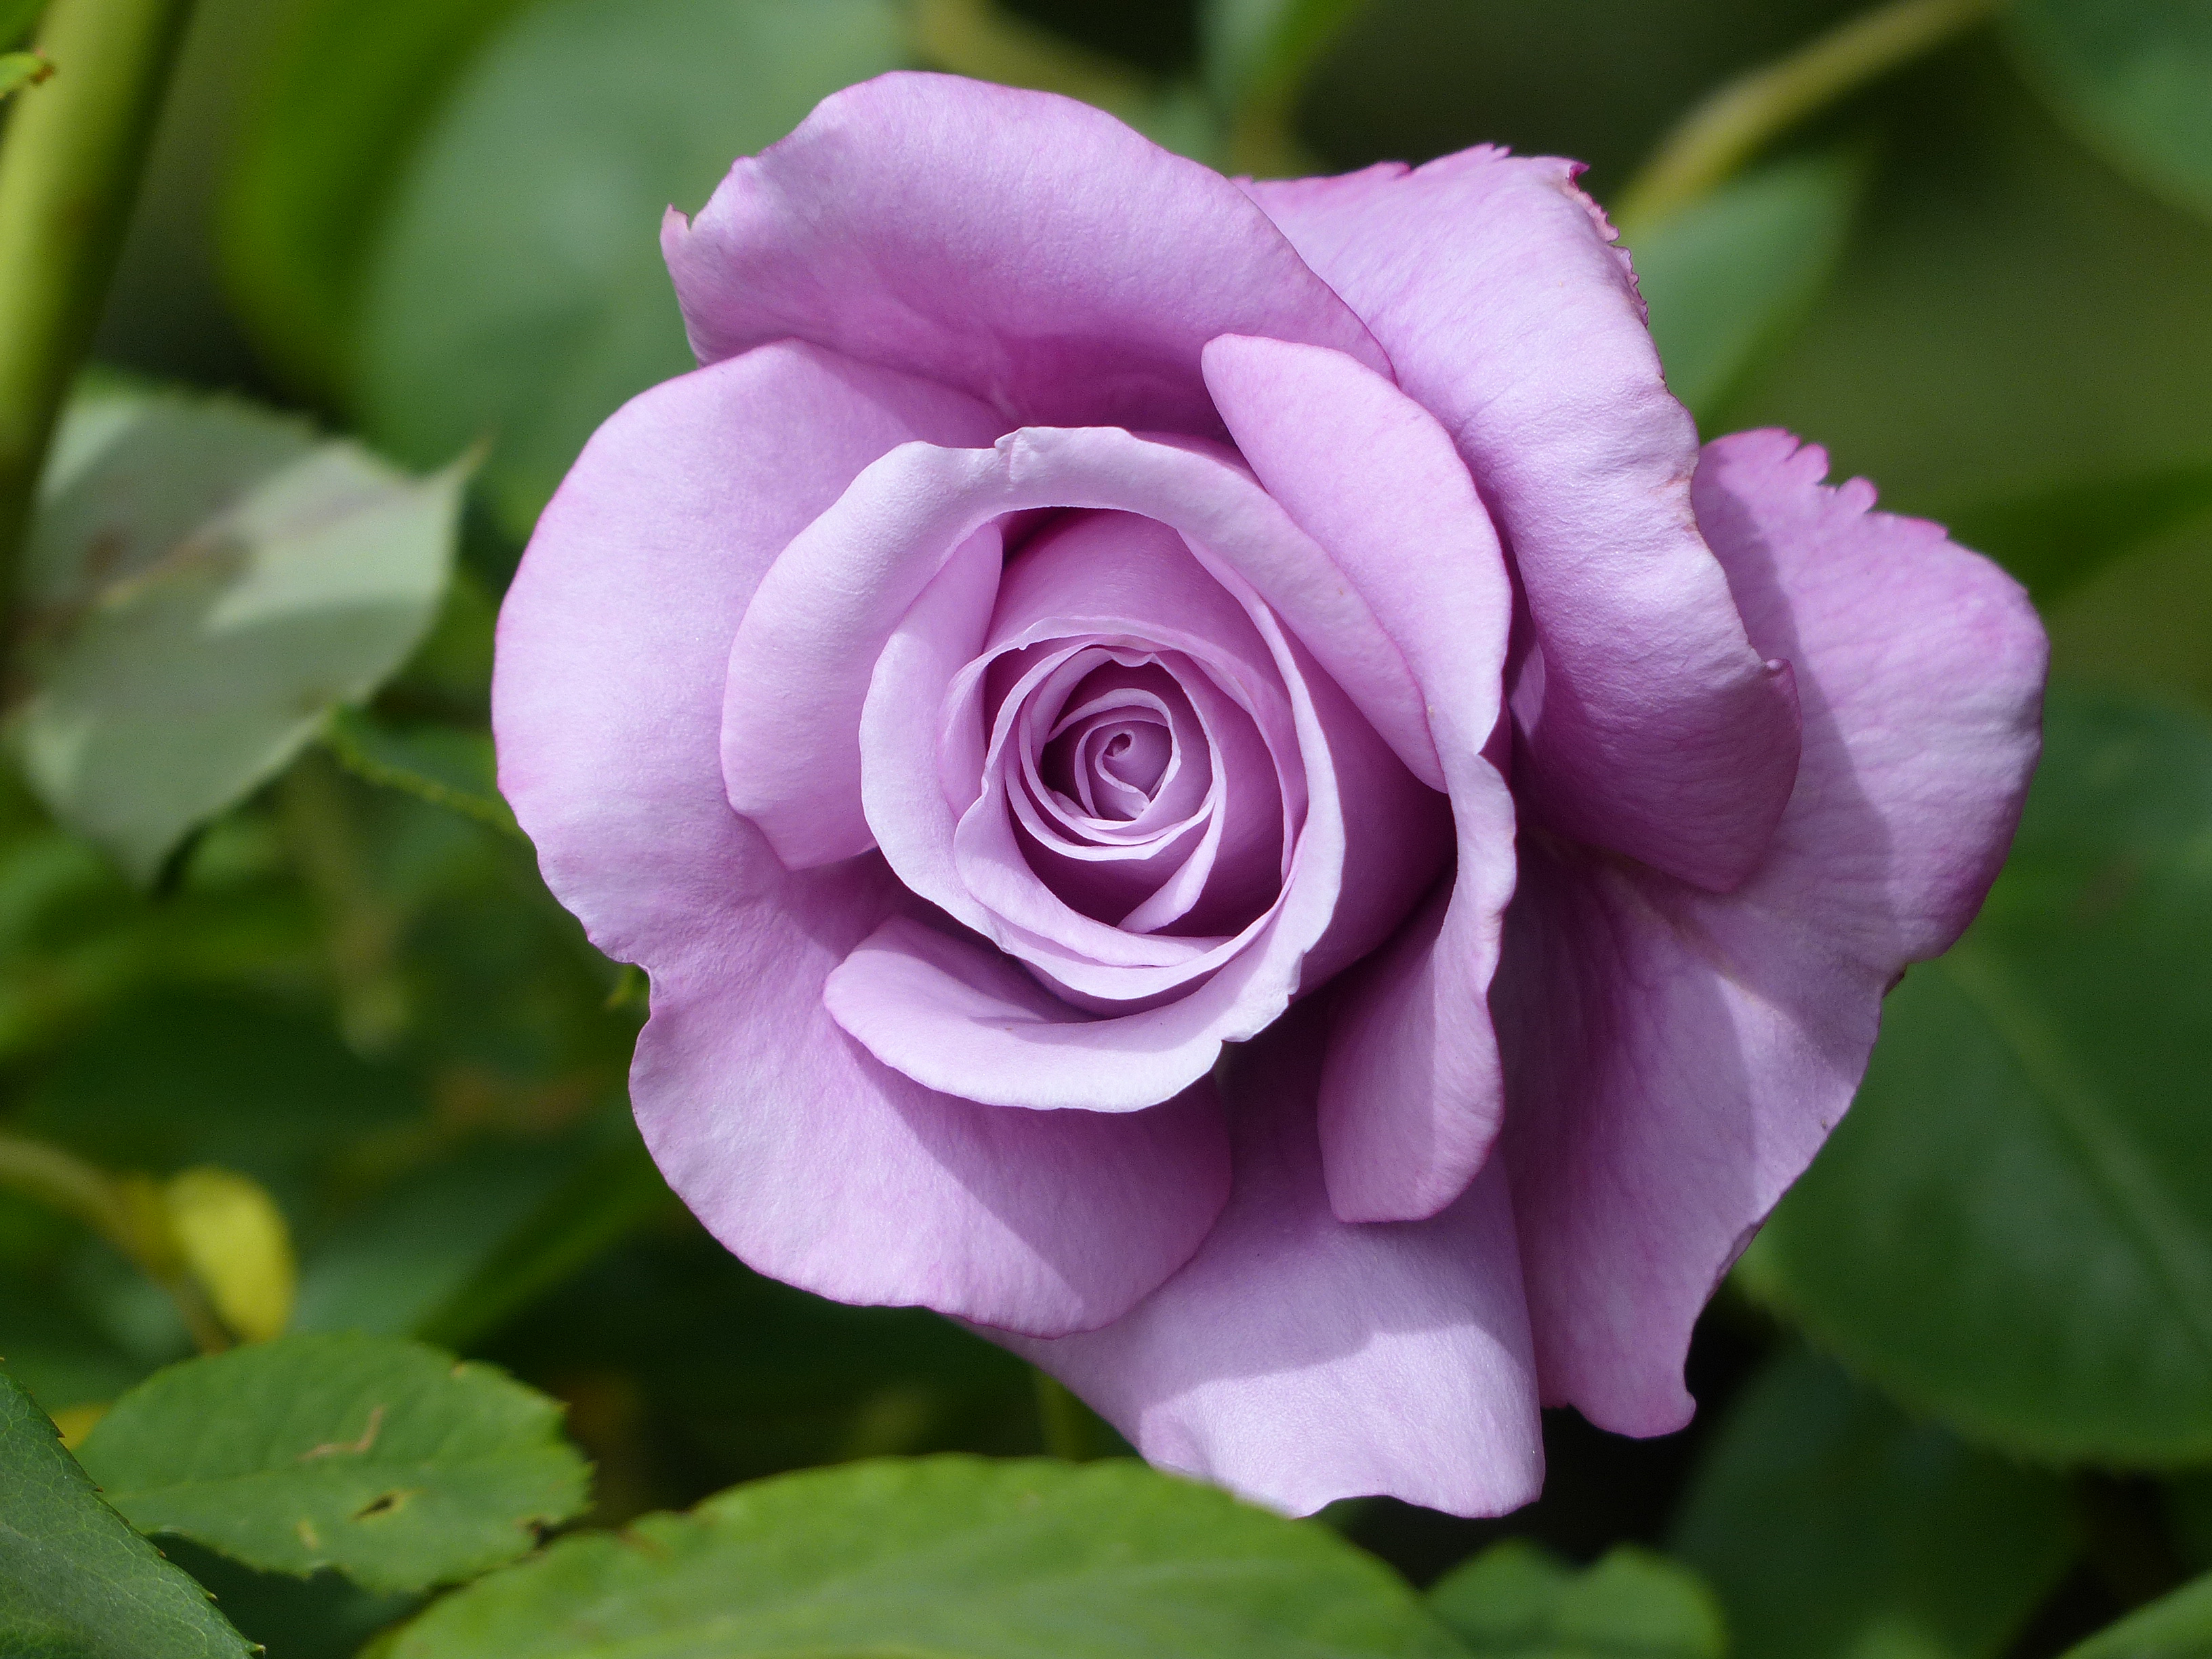 Букеты роз фото с добрым утром любимой недоверием относился